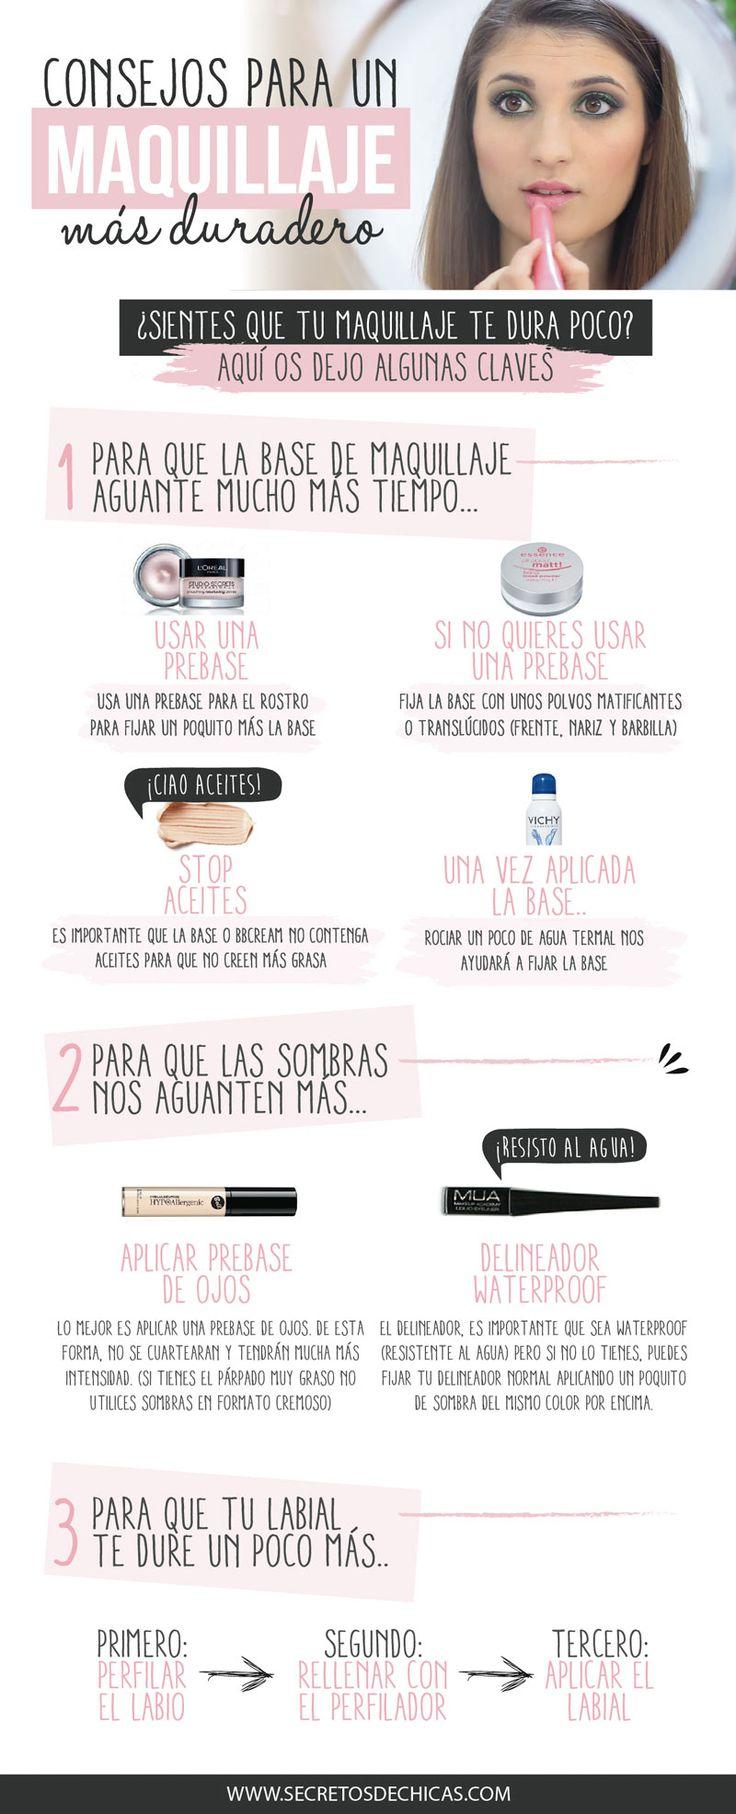 Maquillaje Más Duradero _ Por Secretos De Chicas